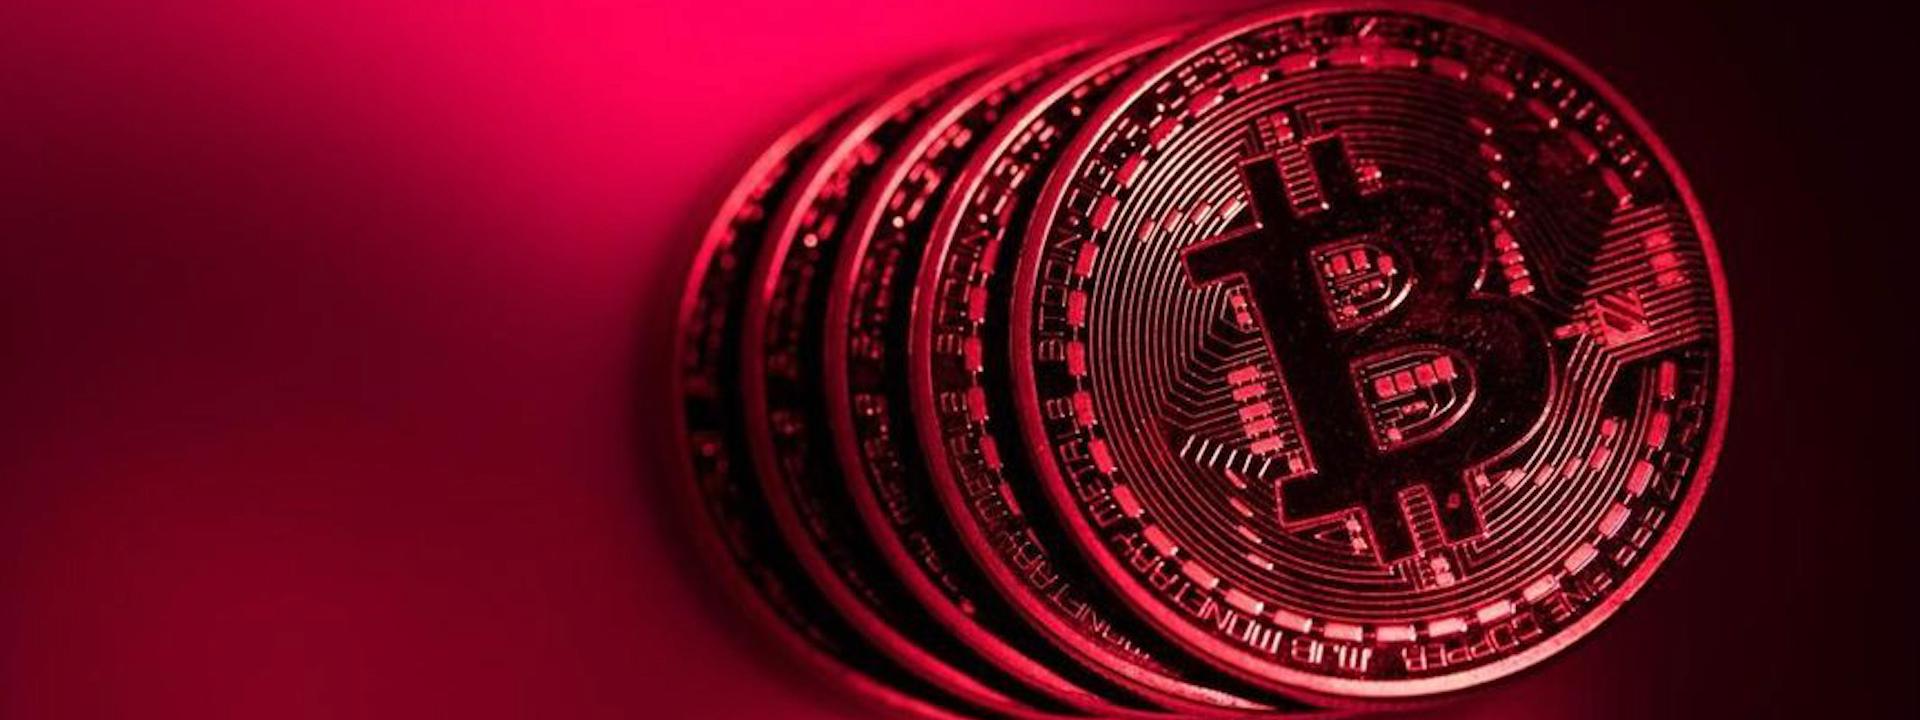 bitcoin-1500-traderviet5_jpg.